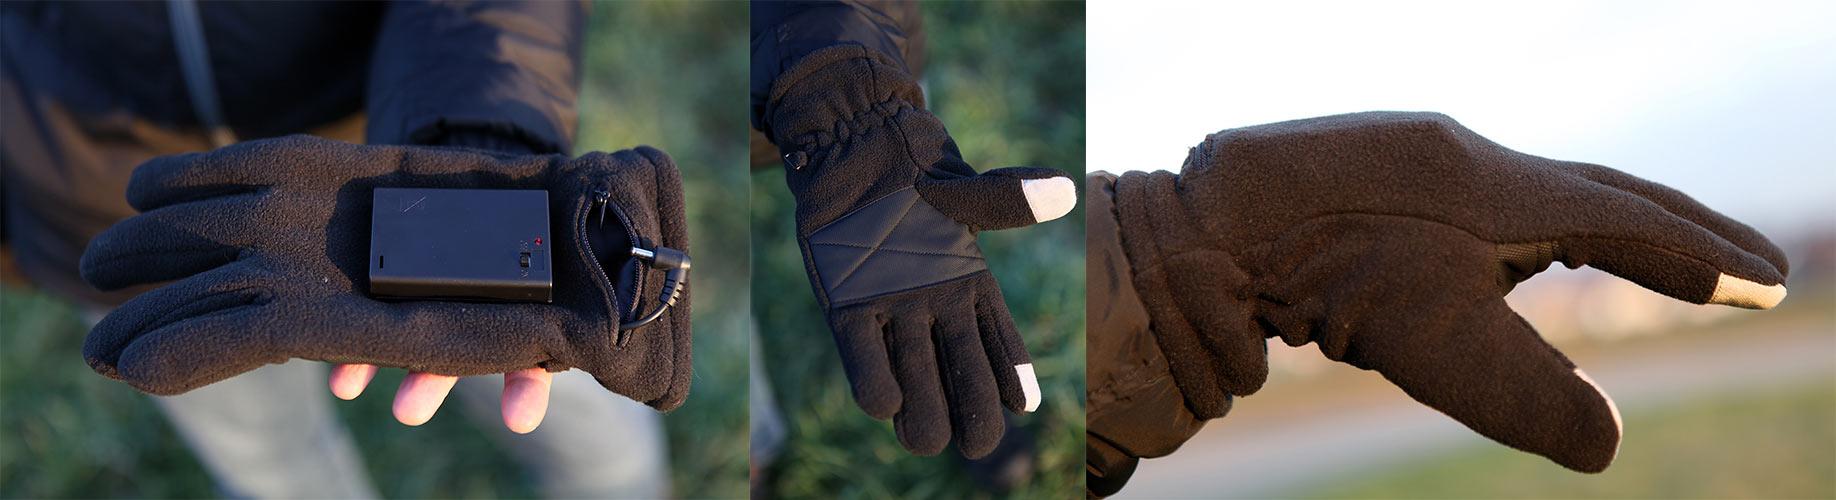 blog beheizbare handschuhe von thinsulate. Black Bedroom Furniture Sets. Home Design Ideas